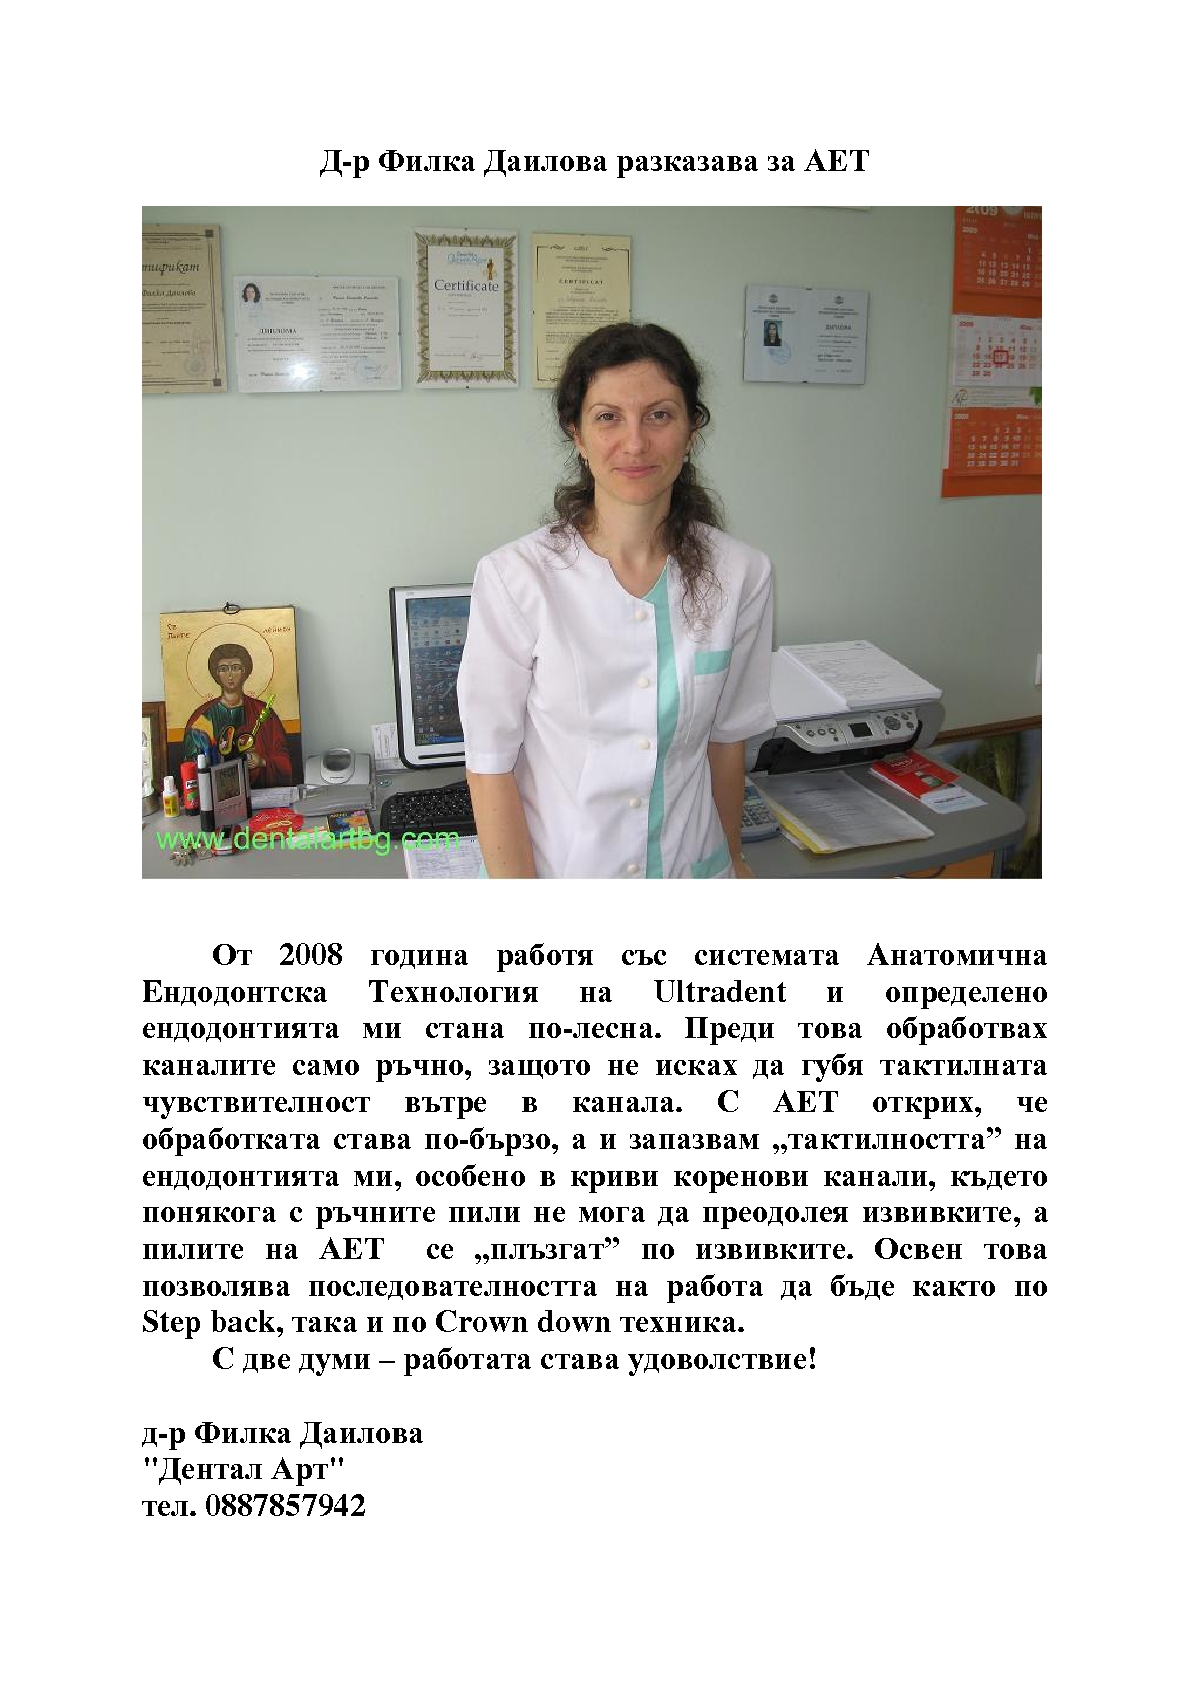 Dr. Filka Dailova